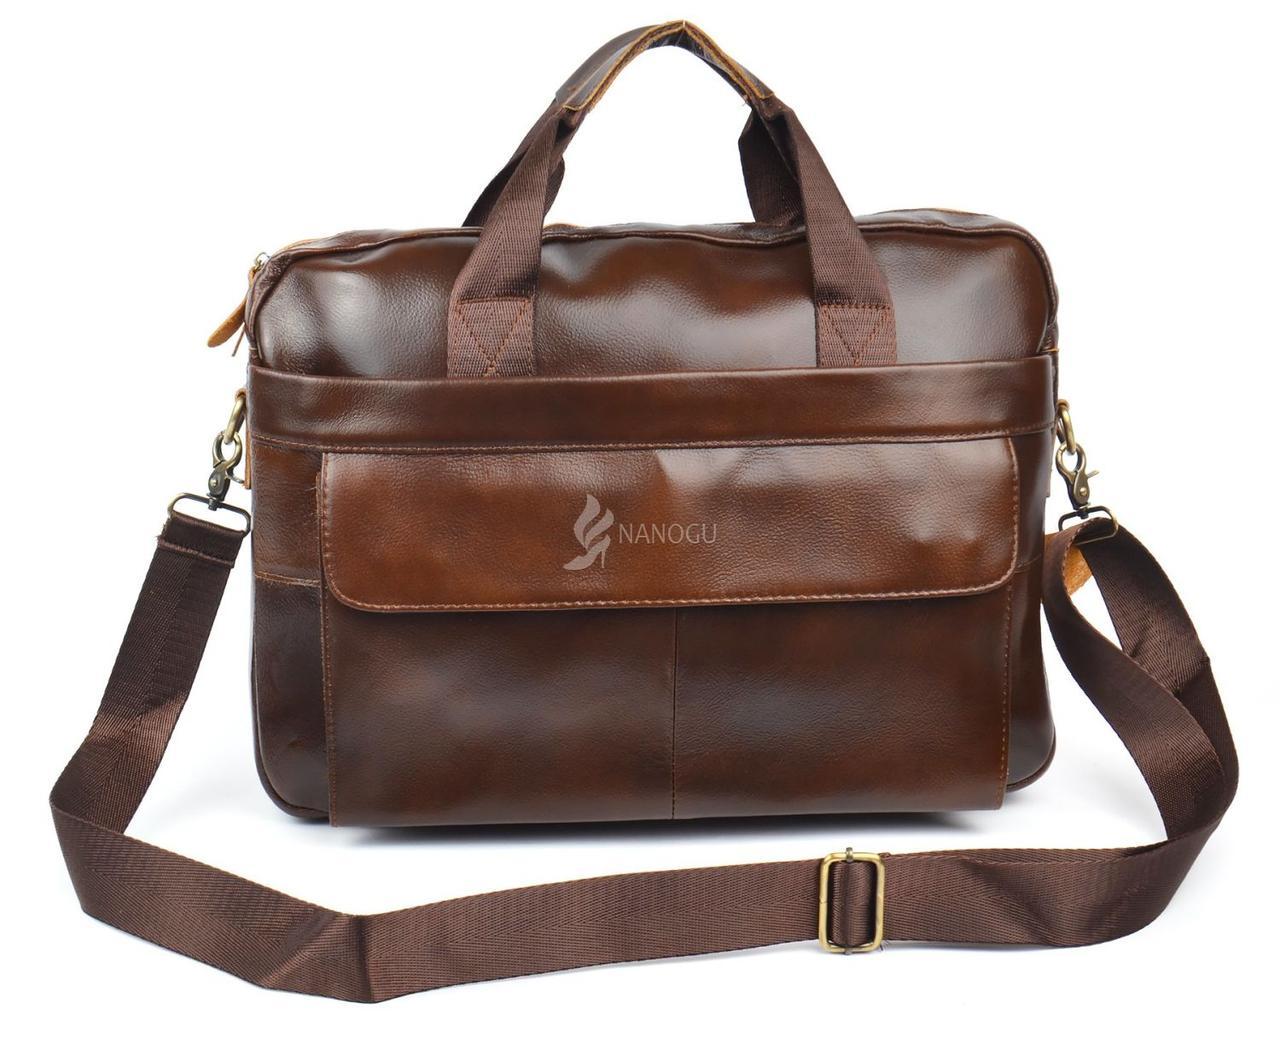 339b5d573d1d Сумка мужская кожаная портфель коричневая Premium Украина, цена 1 ...